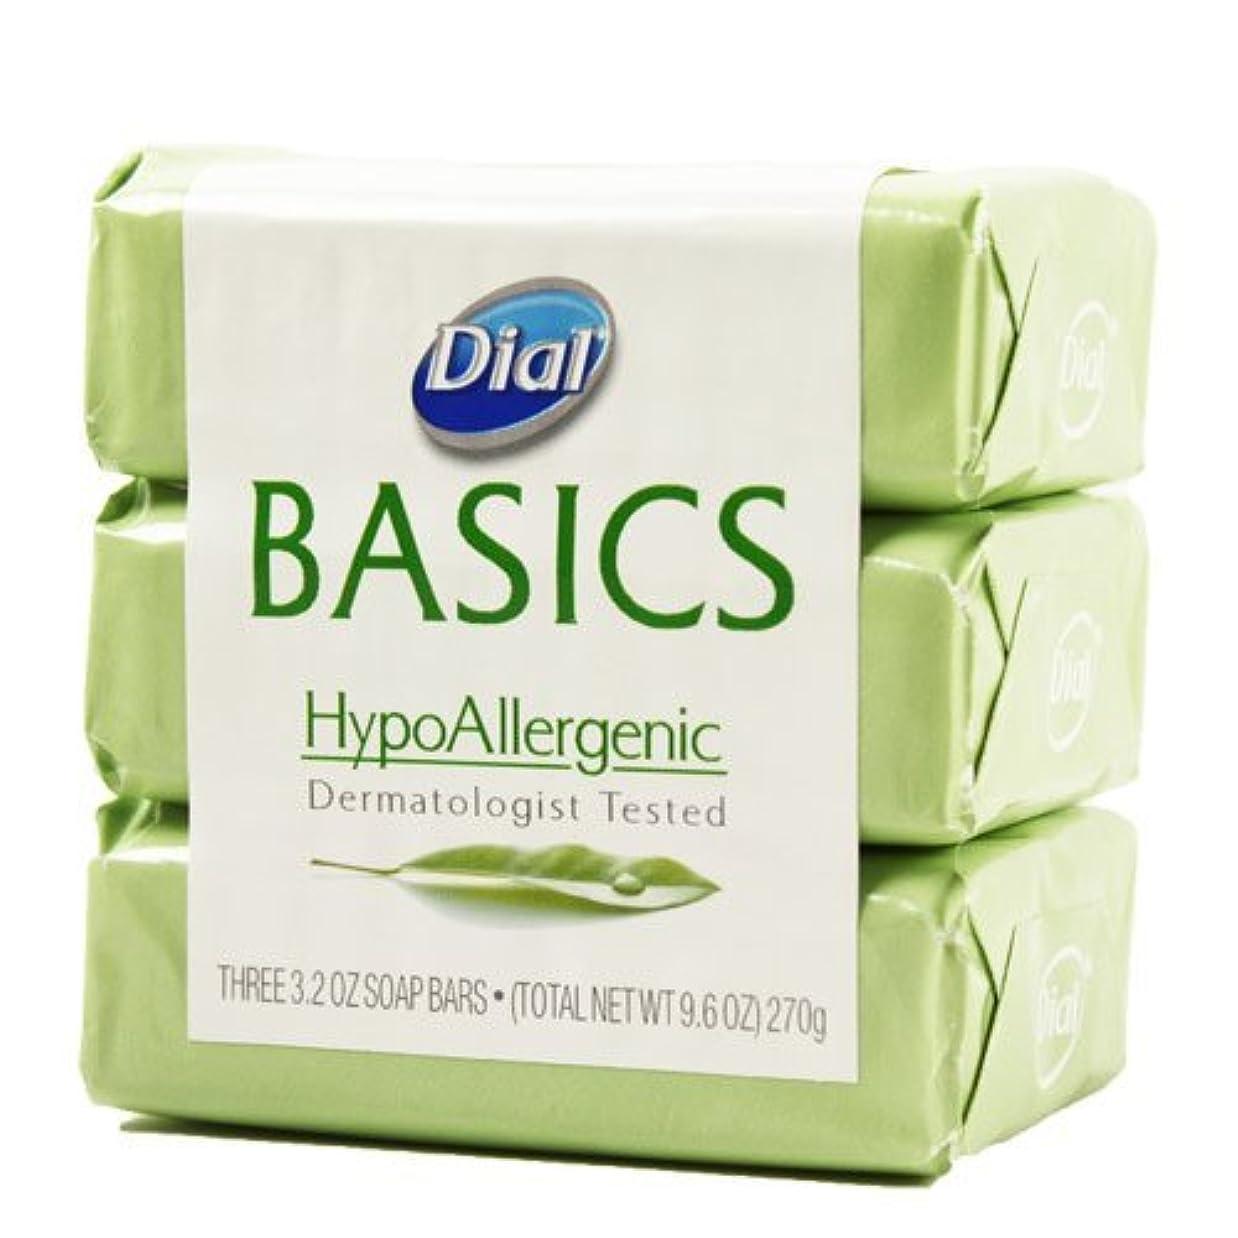 実現可能つなぐ安心Dial Basics HypoAllergenic Dermatologist Tested Bar Soap, 3.2 oz (18 Bars) by Basics